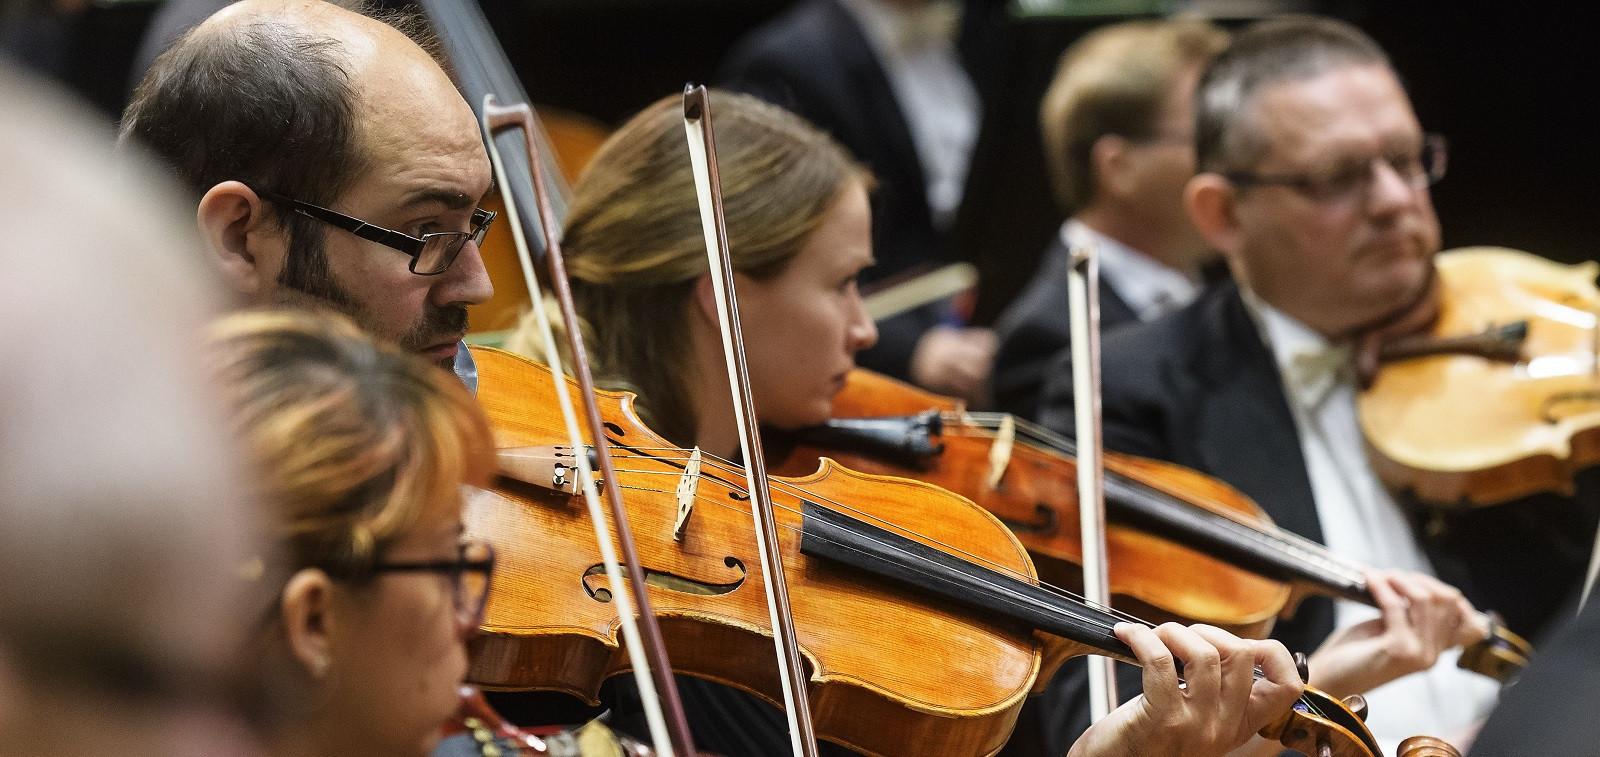 TFO muusikot harjoitukset